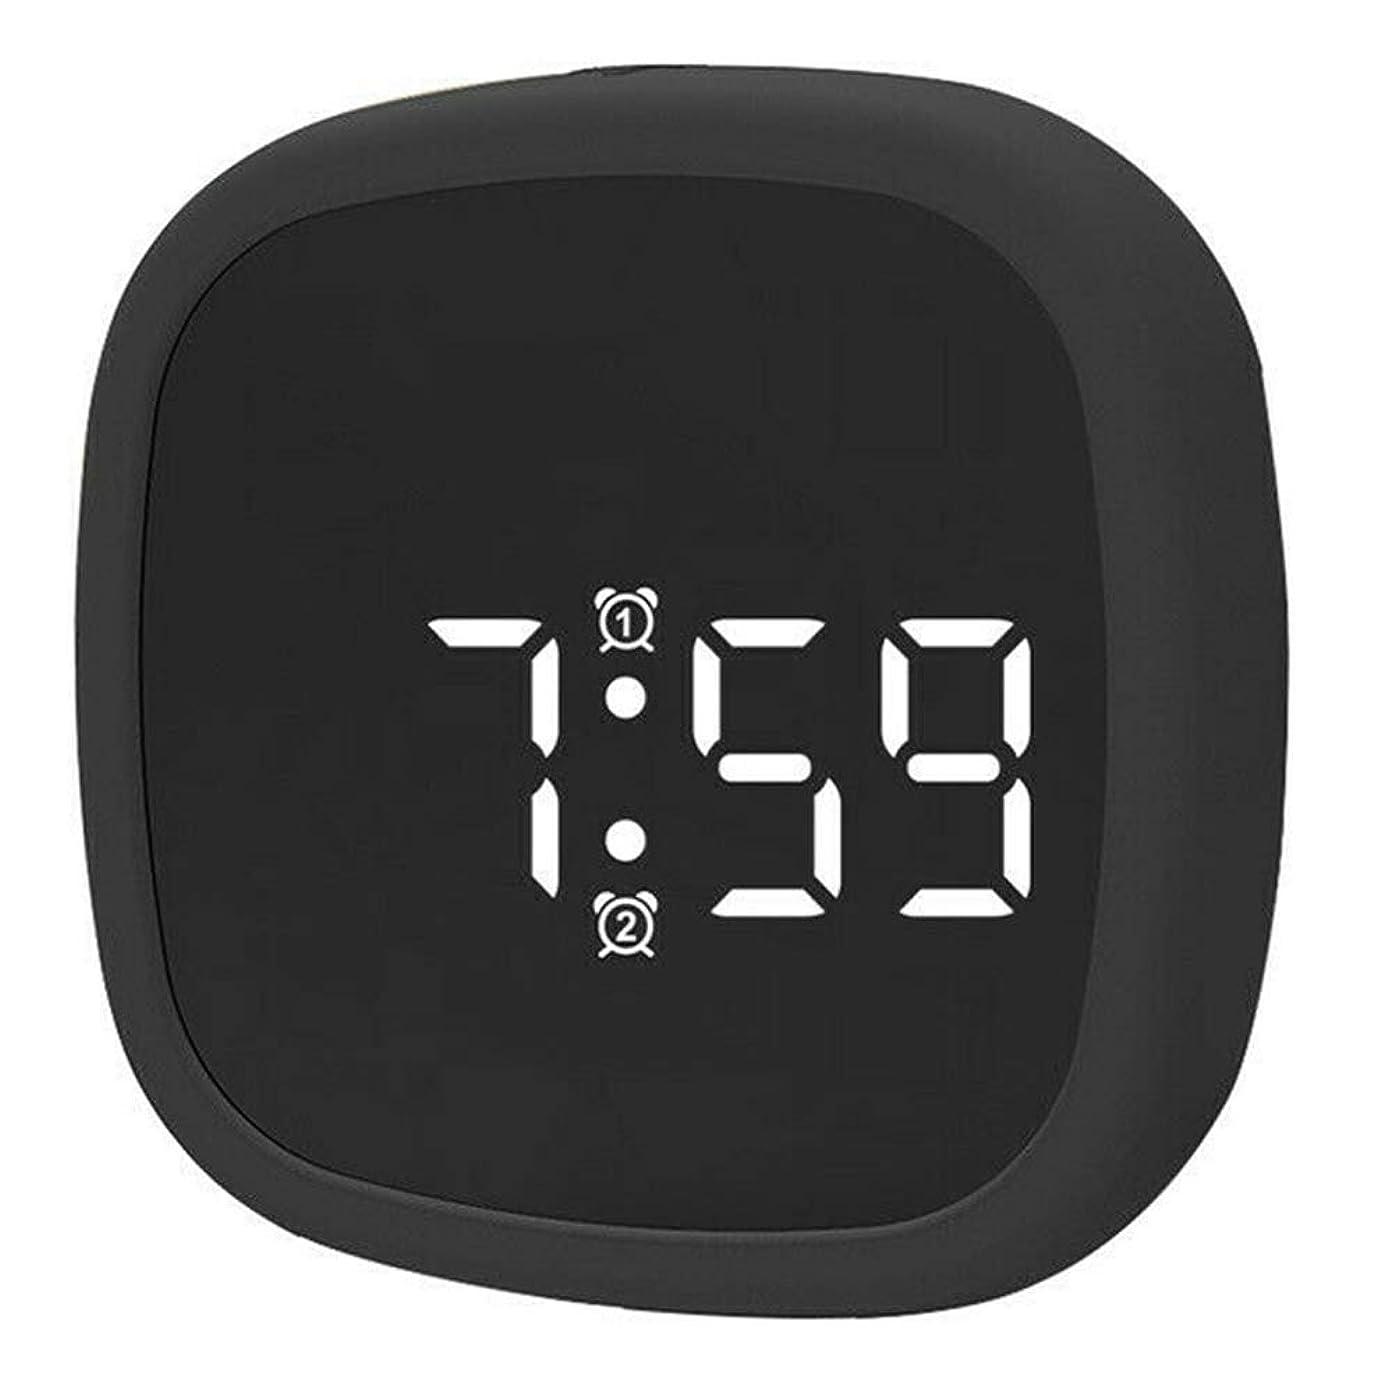 充実ストラトフォードオンエイボンコンドームJuSopデジタル目覚まし時計LEDディスプレイシリコーン音声起動デスククロック4つの明るさモード